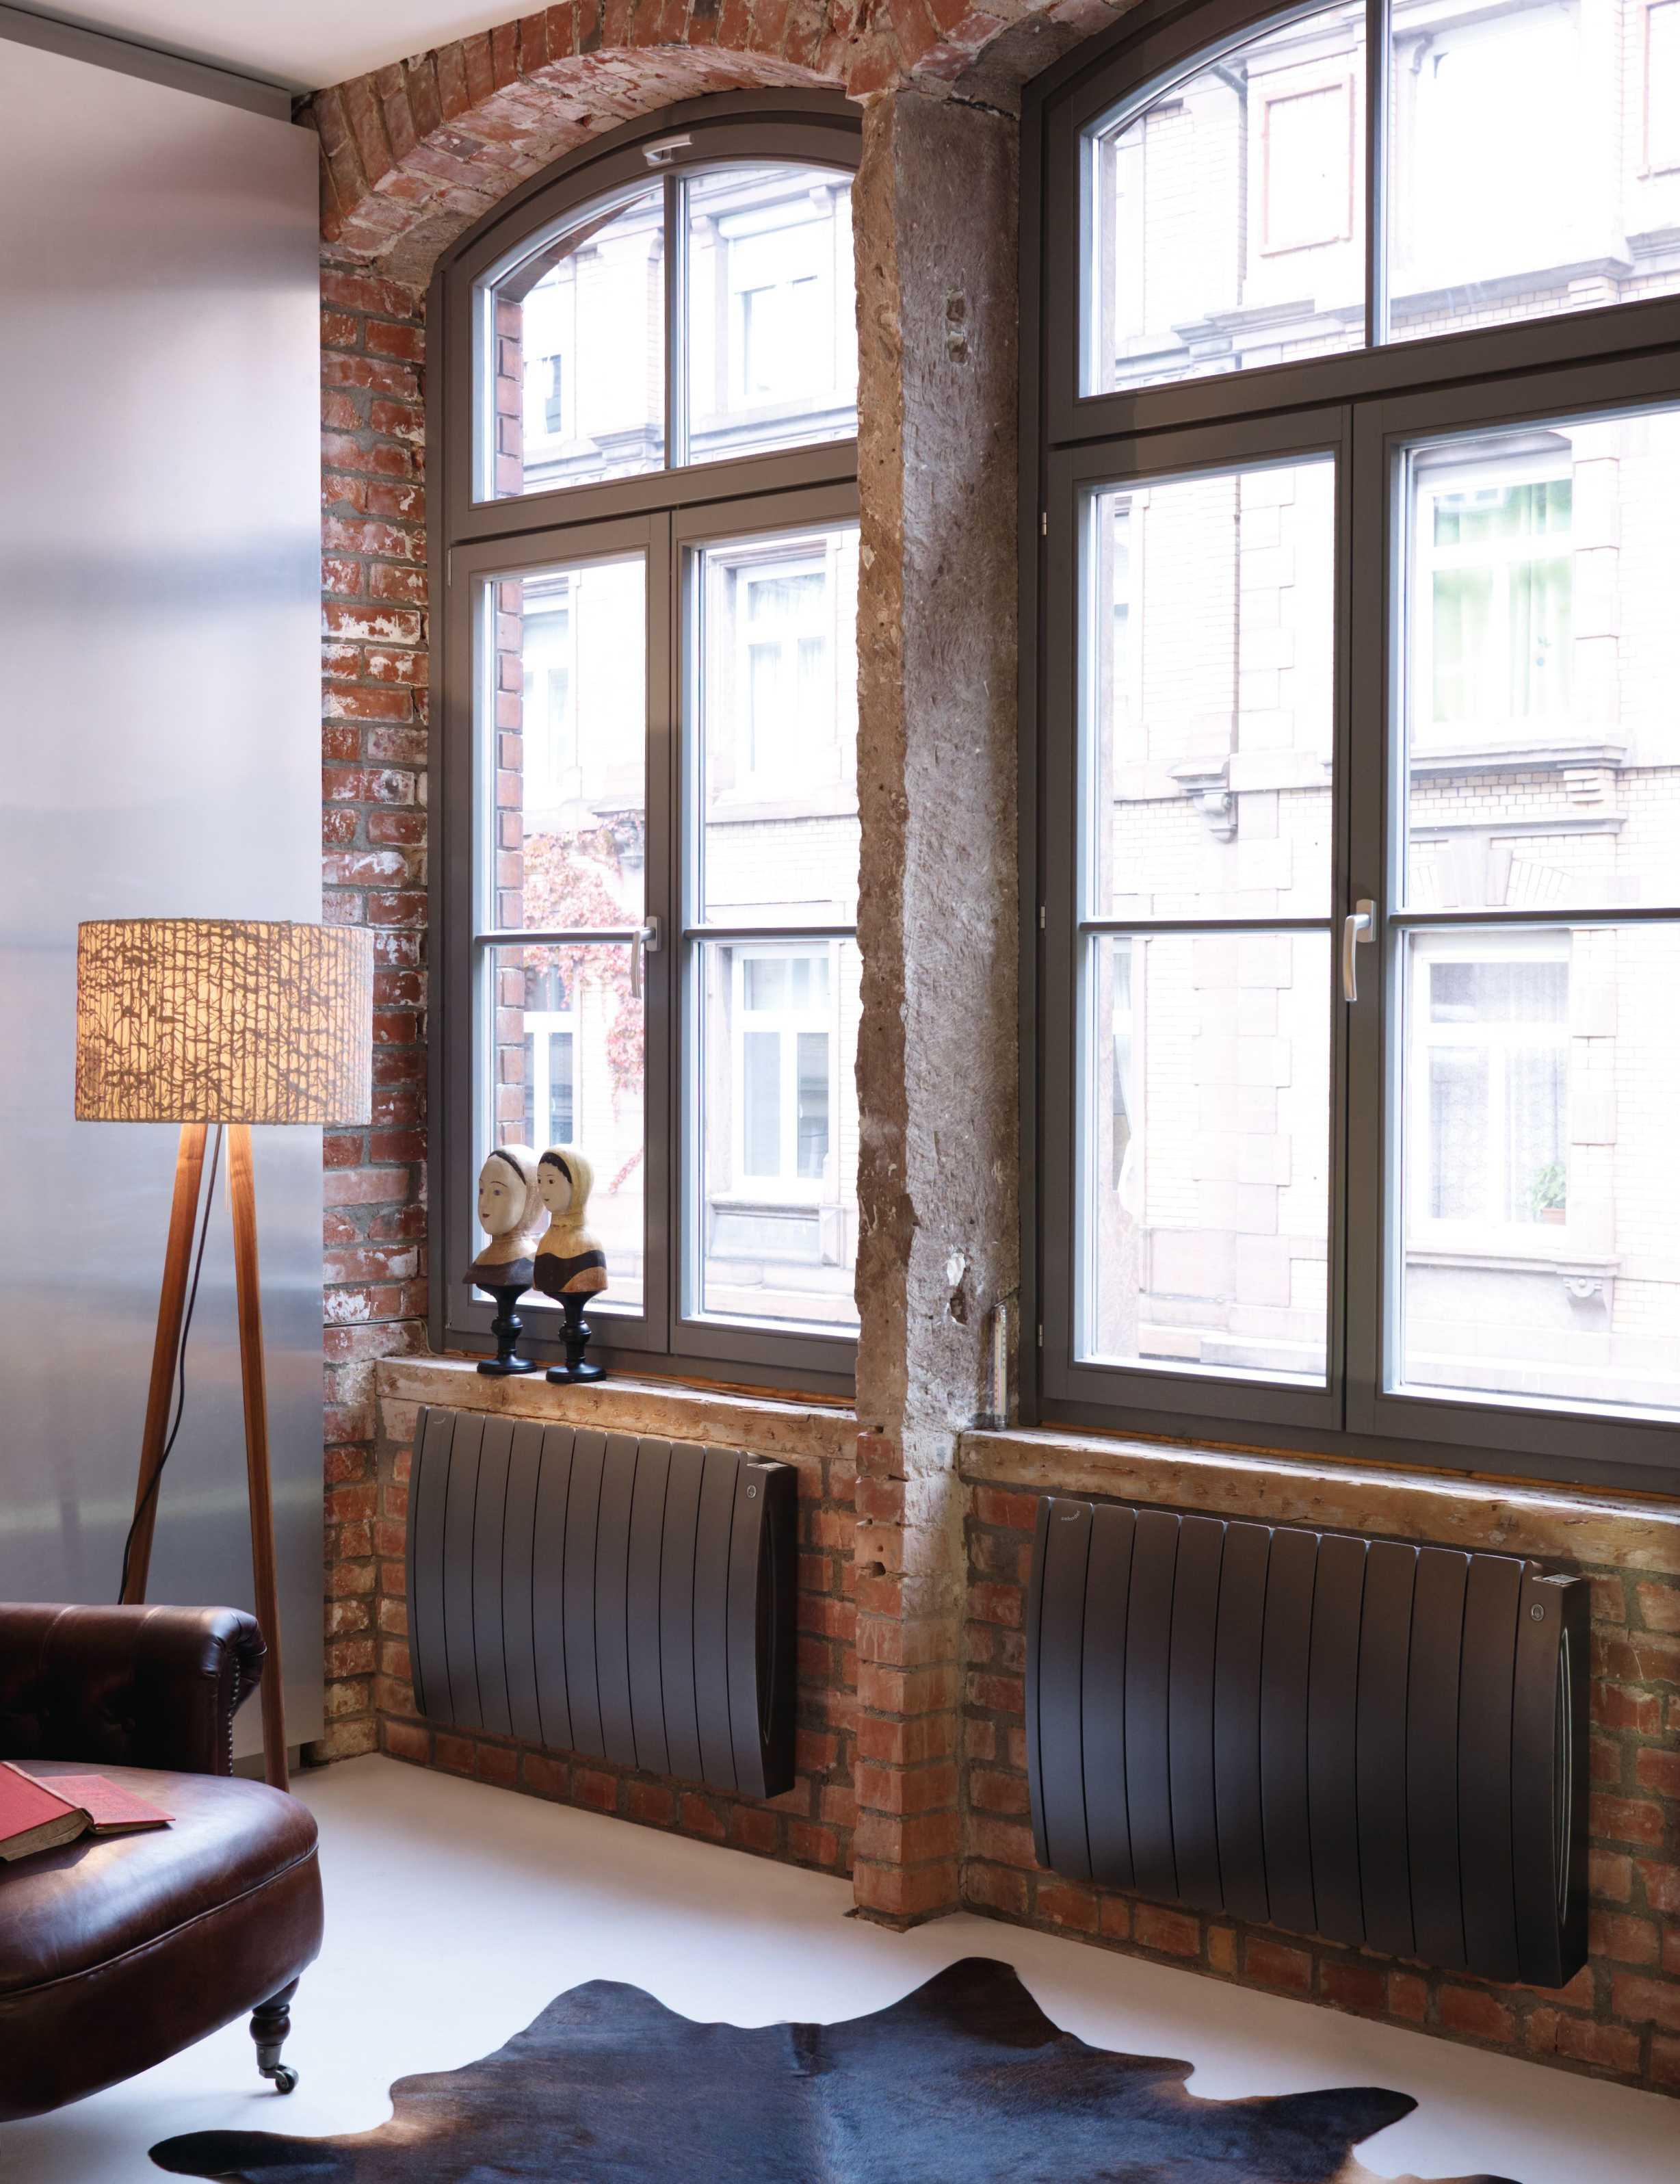 produktkatalog der individuellen design-heizkörper | zehnder - Designer Heizkörper Wohnzimmer